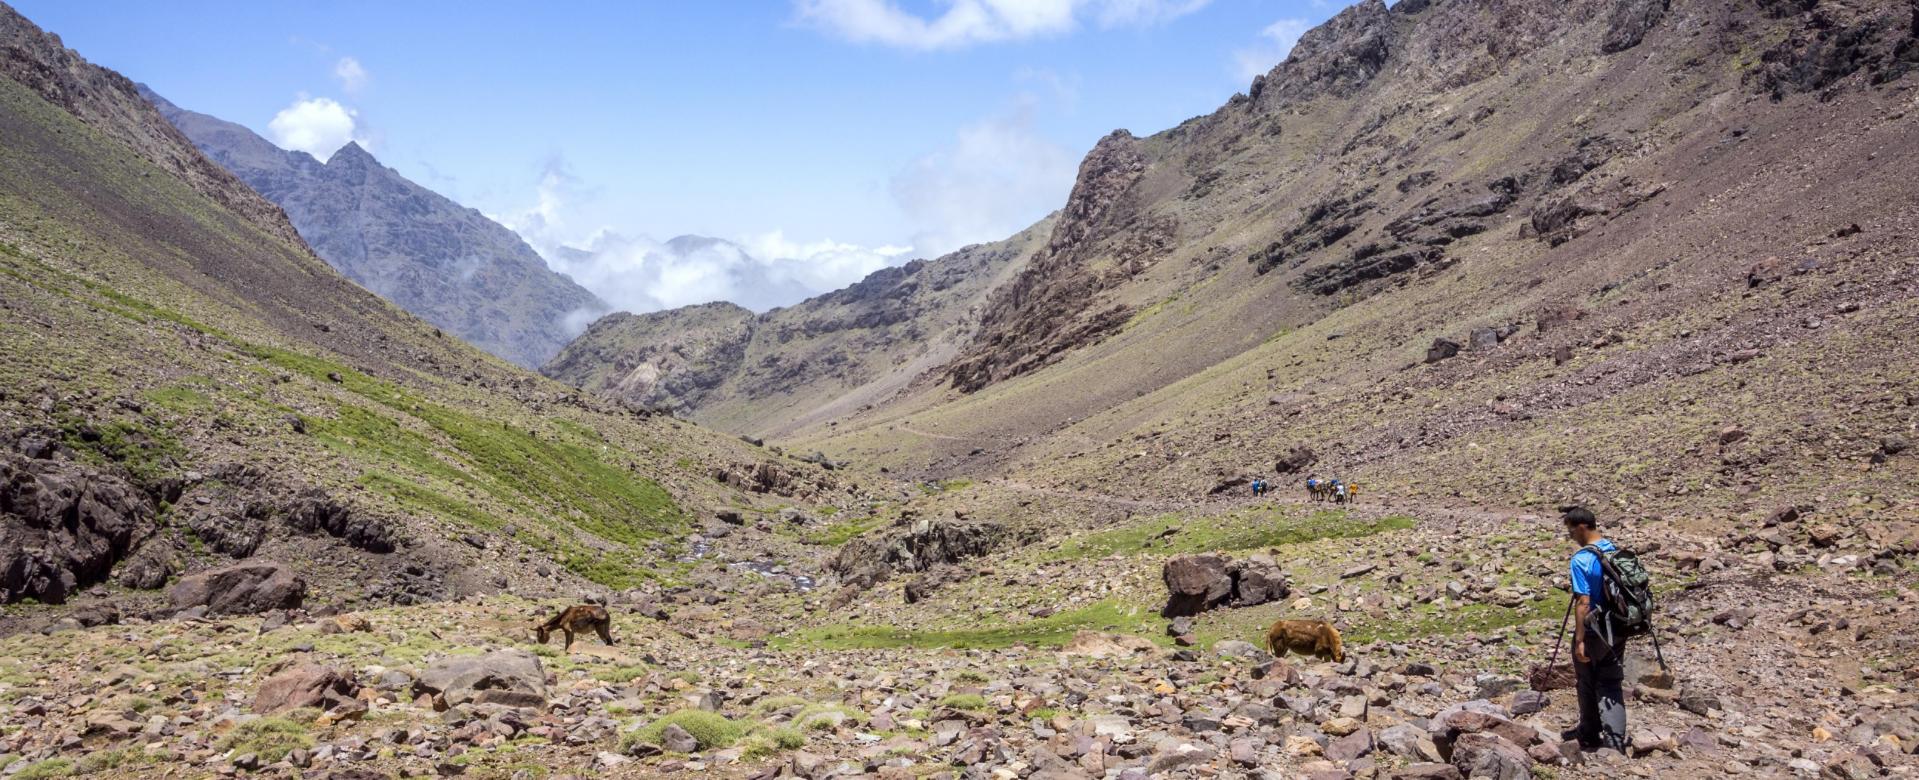 Voyage à pied : Le raid du toubkal